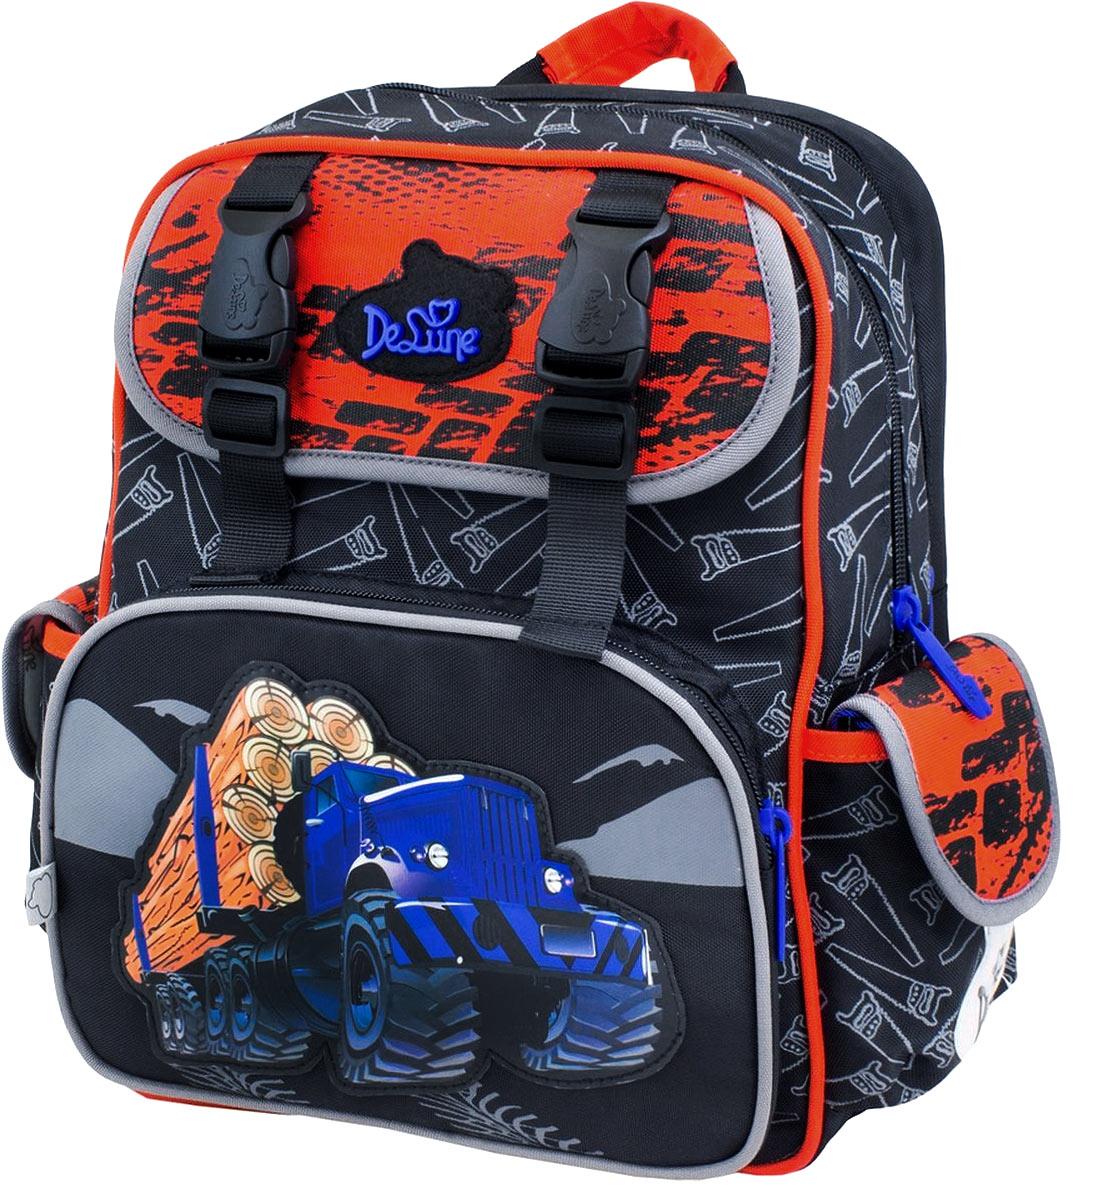 DeLune Рюкзак детский с наполнением цвет черный красный 2 предмета51-07_красныйДетский рюкзак DeLune имеет мягко-каркасную форму. Эта уникальная технология позволяет держать форму даже при полностью пустом рюкзаке, не прогибается и не меняет форму под весом. Эргономичная спинка имеет достаточно жесткий каркас, но при этом очень мягкая и приятная снаружи, что обеспечивает комфортное ношение и защиту спины ребенка. Рюкзак содержит два вместительных отделения, закрывающиеся на застежки-молнии известной фирмы SBS. В большом отделении находятся две пластиковые перегородки для тетрадей, фиксирующиеся резинкой, а также три открытых сетчатых кармана и нашивная бирка для заполнения личных данных владельца. Дно рюкзака можно сделать более устойчивым, разложив специальную панель. Второе отделение карманов не имеет, подходит для тетрадей и книг формата А4. Внутреннее оснащение рюкзака разработано по специальной системе распределения вещей Open access, что позволяет удобно распределить школьные принадлежности ребенка. Лицевая сторона рюкзака оснащена накладным...